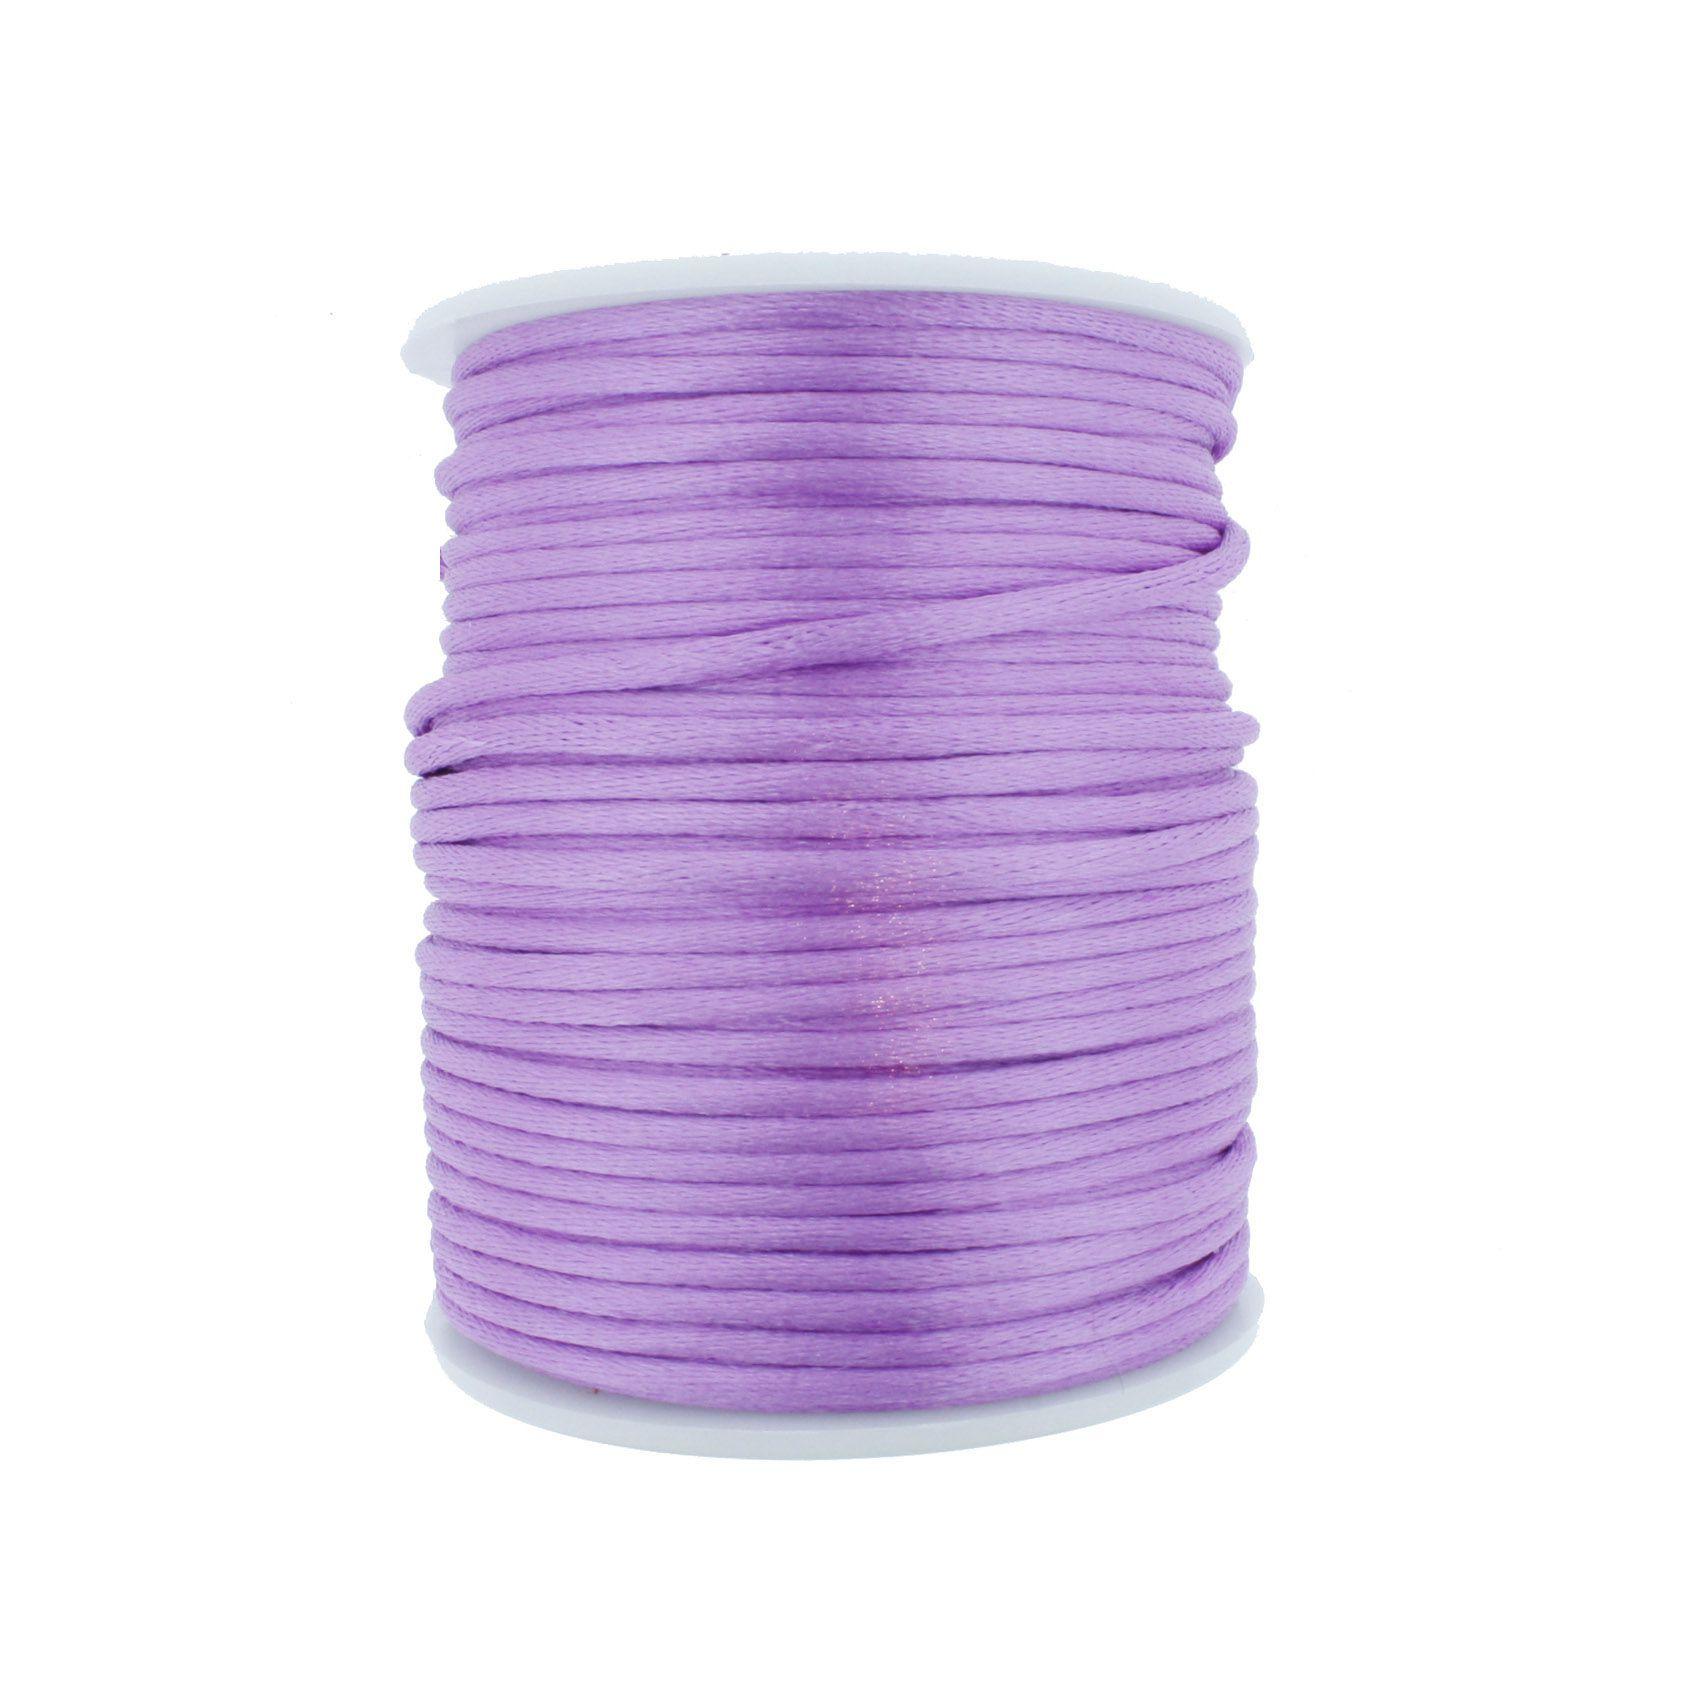 Cordão de Seda - Lilás - 2mm  - Stéphanie Bijoux® - Peças para Bijuterias e Artesanato